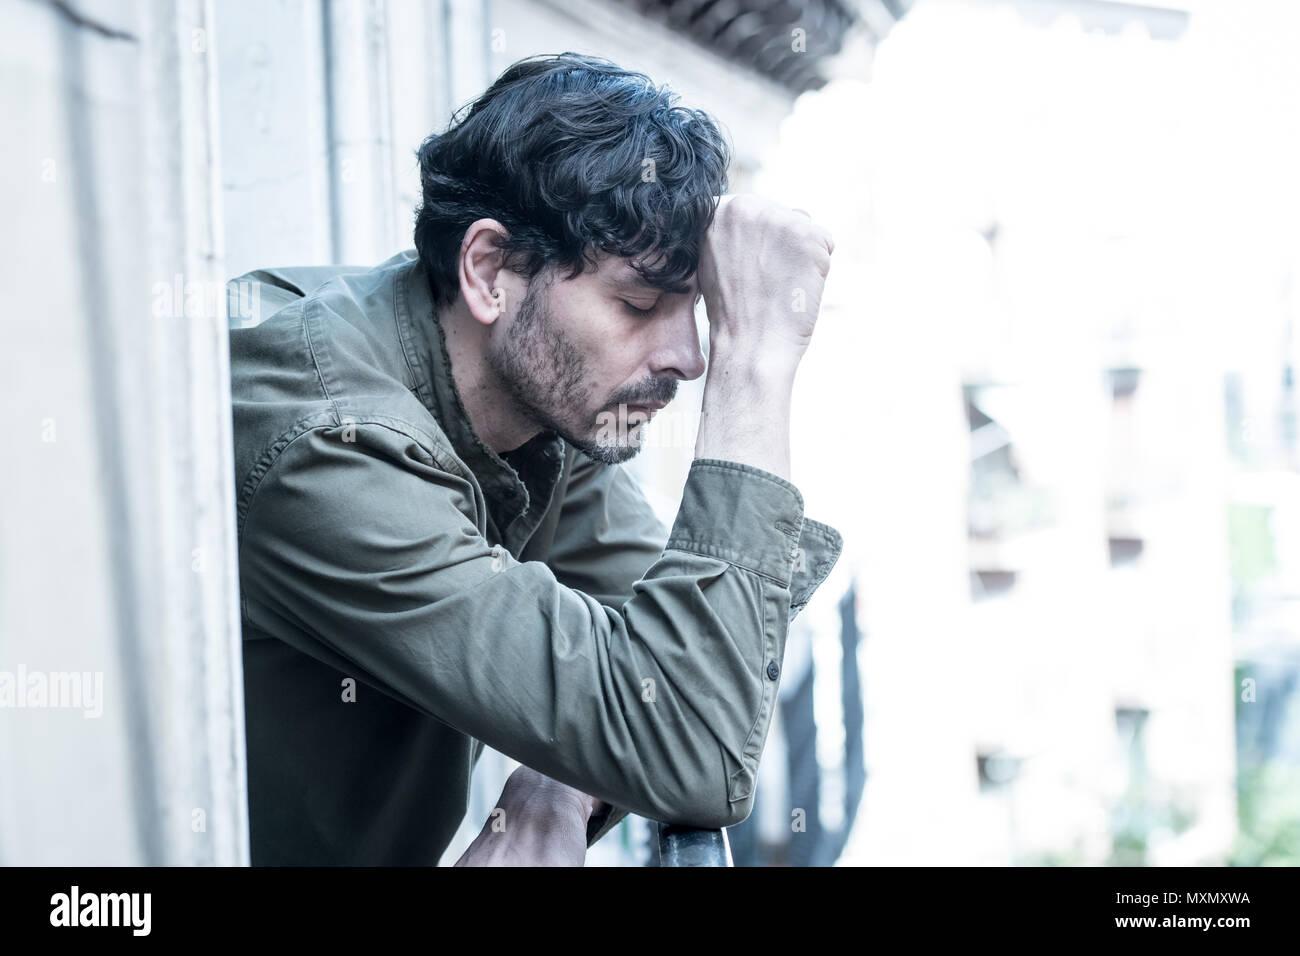 Nahaufnahme Portrait von traurig und deprimiert Mann schauen aus dem Fenster, auf dem Balkon zu Hause leiden Depressionen und Holzeinschlag einsam in der psychischen Gesundheit anhand von quantitativen Simulatio Stockbild